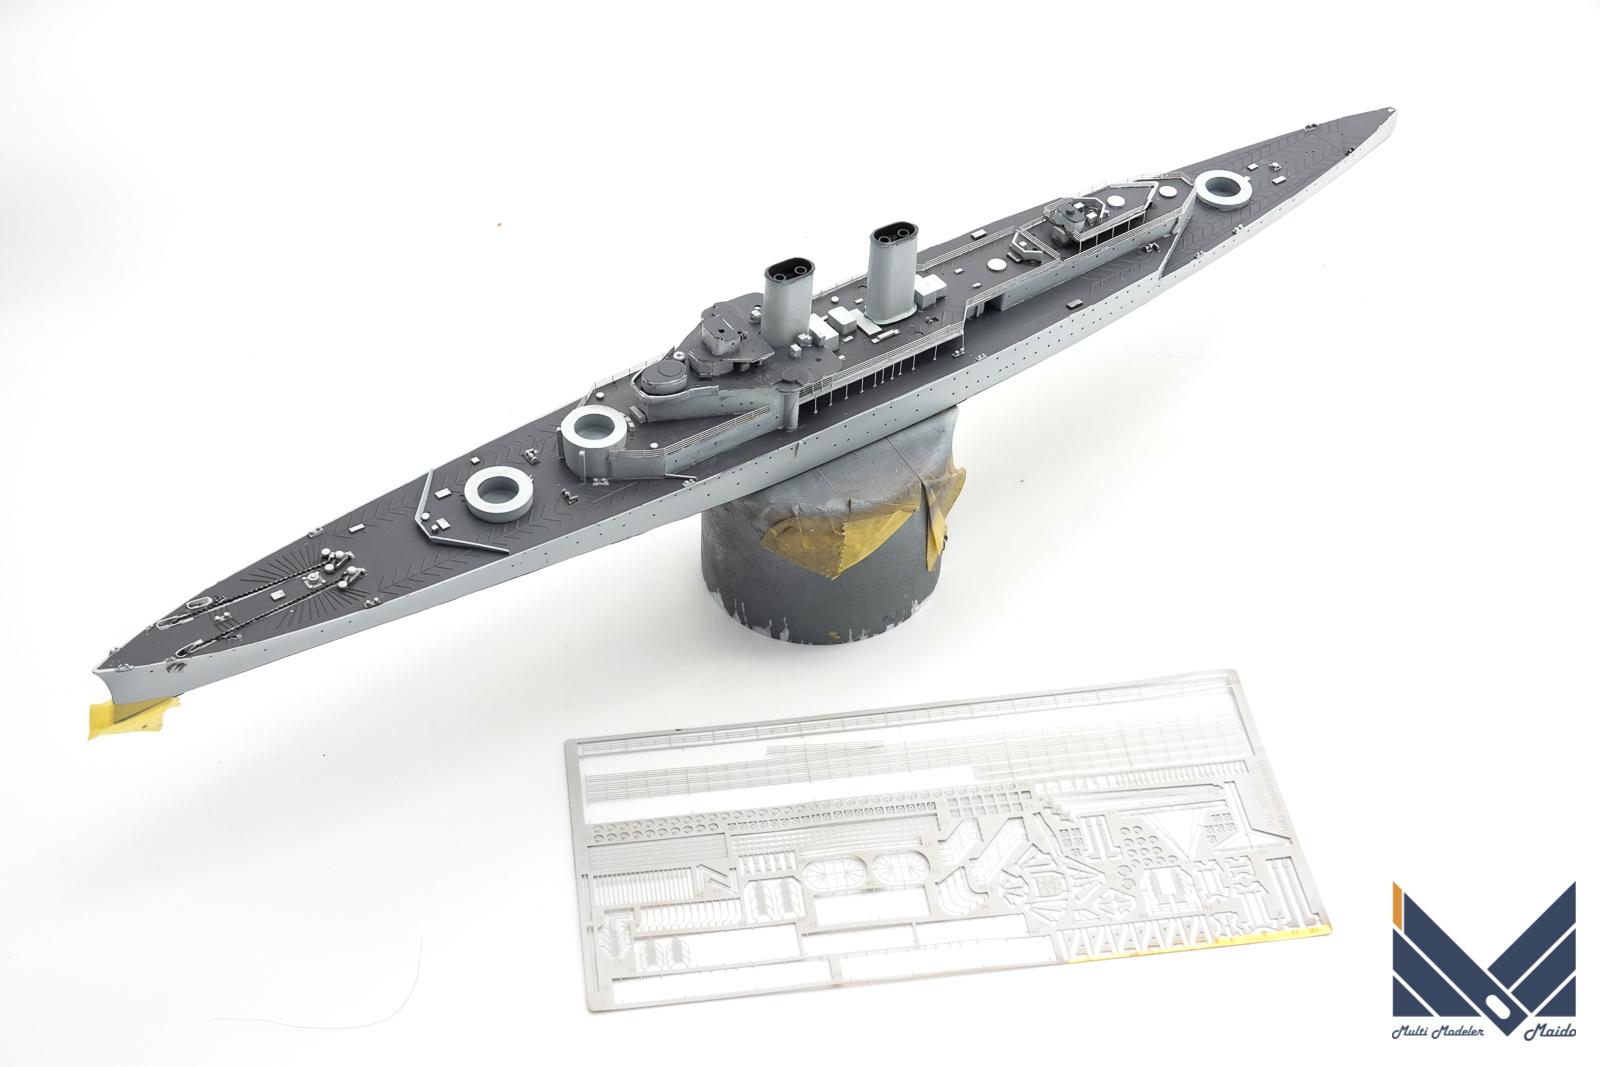 ポセイドンモデル 1/700 イギリス巡洋戦艦レナウン1917 レジンキット製作中